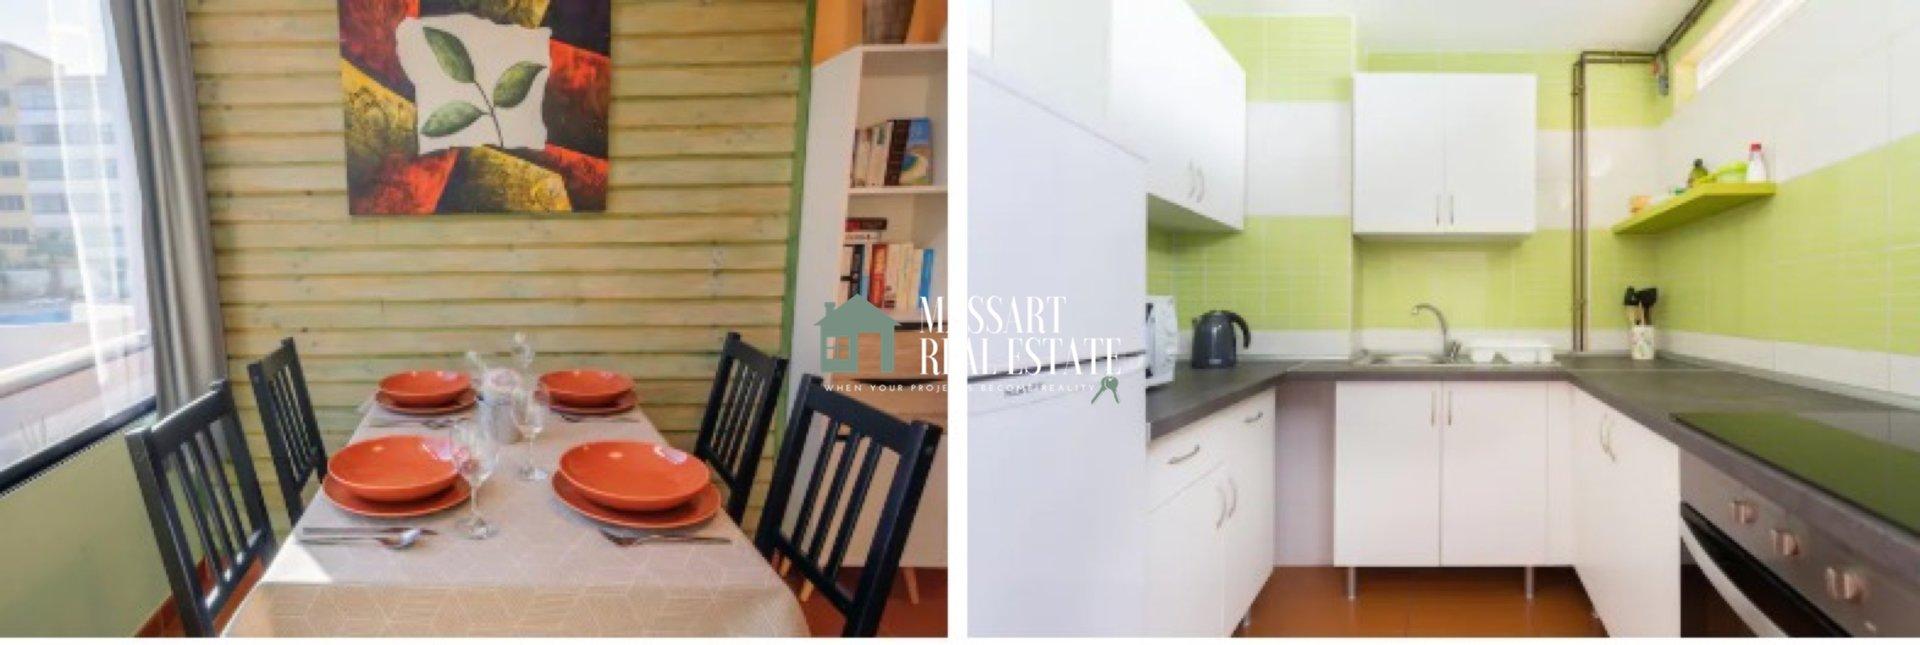 Te koop in Costa del Silencio, volledig gerenoveerd en gemeubileerd appartement van 47 m2 ... ideaal als investering ... het heeft een vakantievergunning!